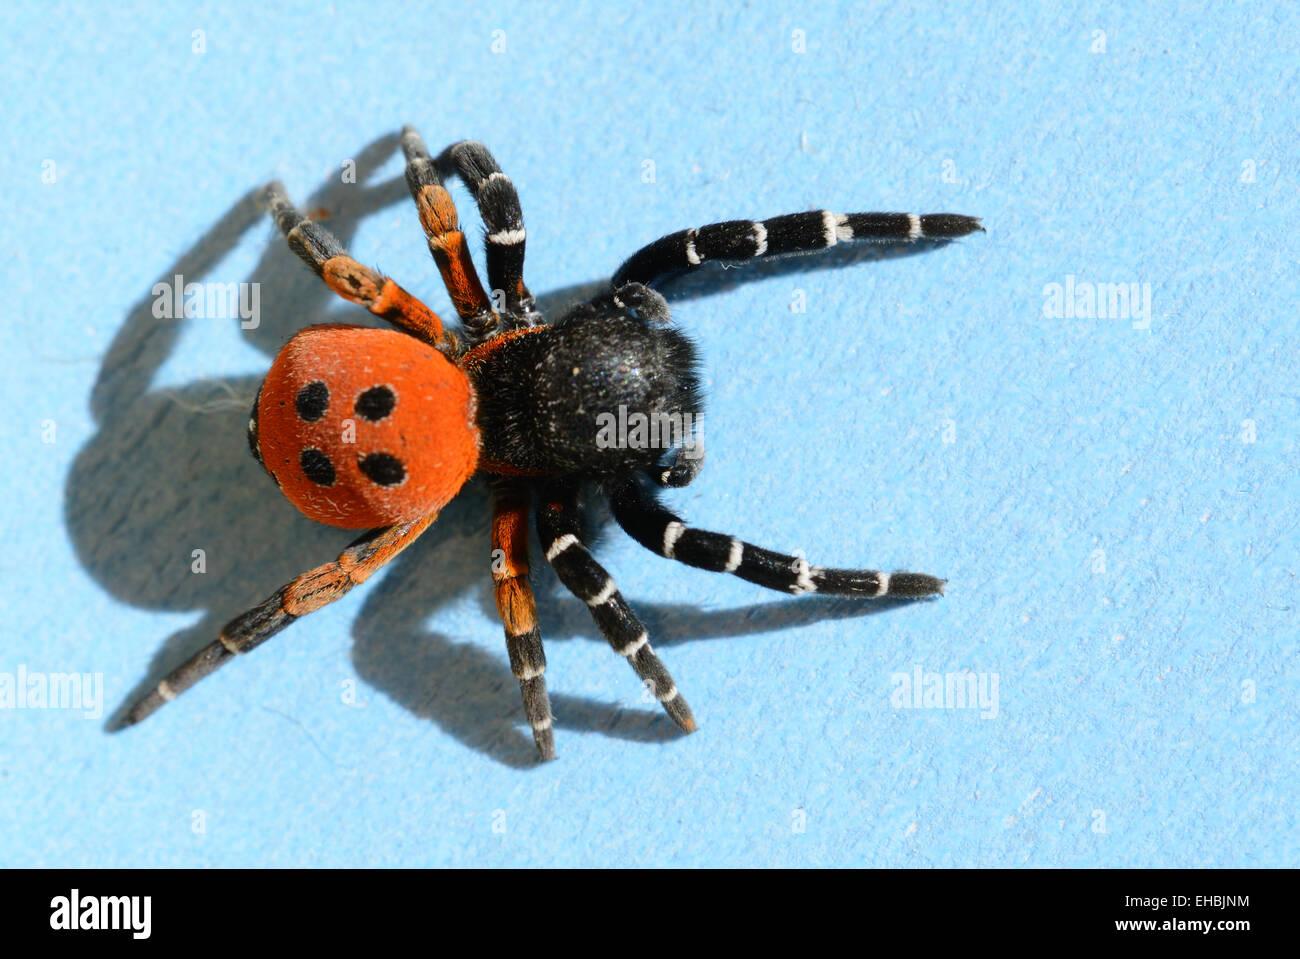 Ladybird Spider or Velvet Spider Eresus cinnaberinus formerly Eresus niger - Stock Image